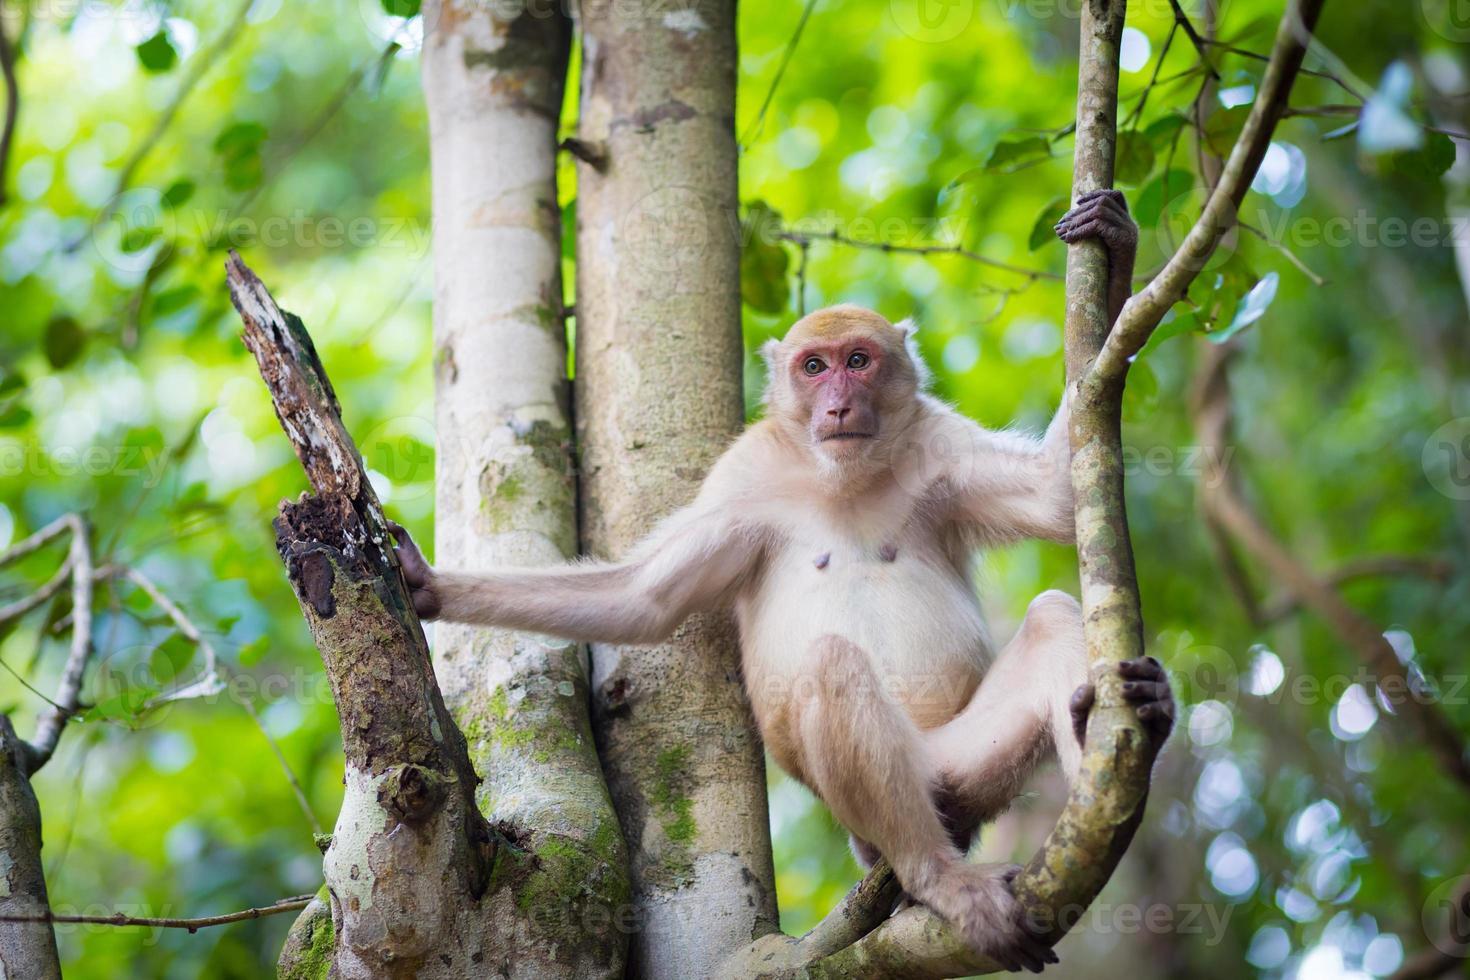 alleen aap in het bos foto